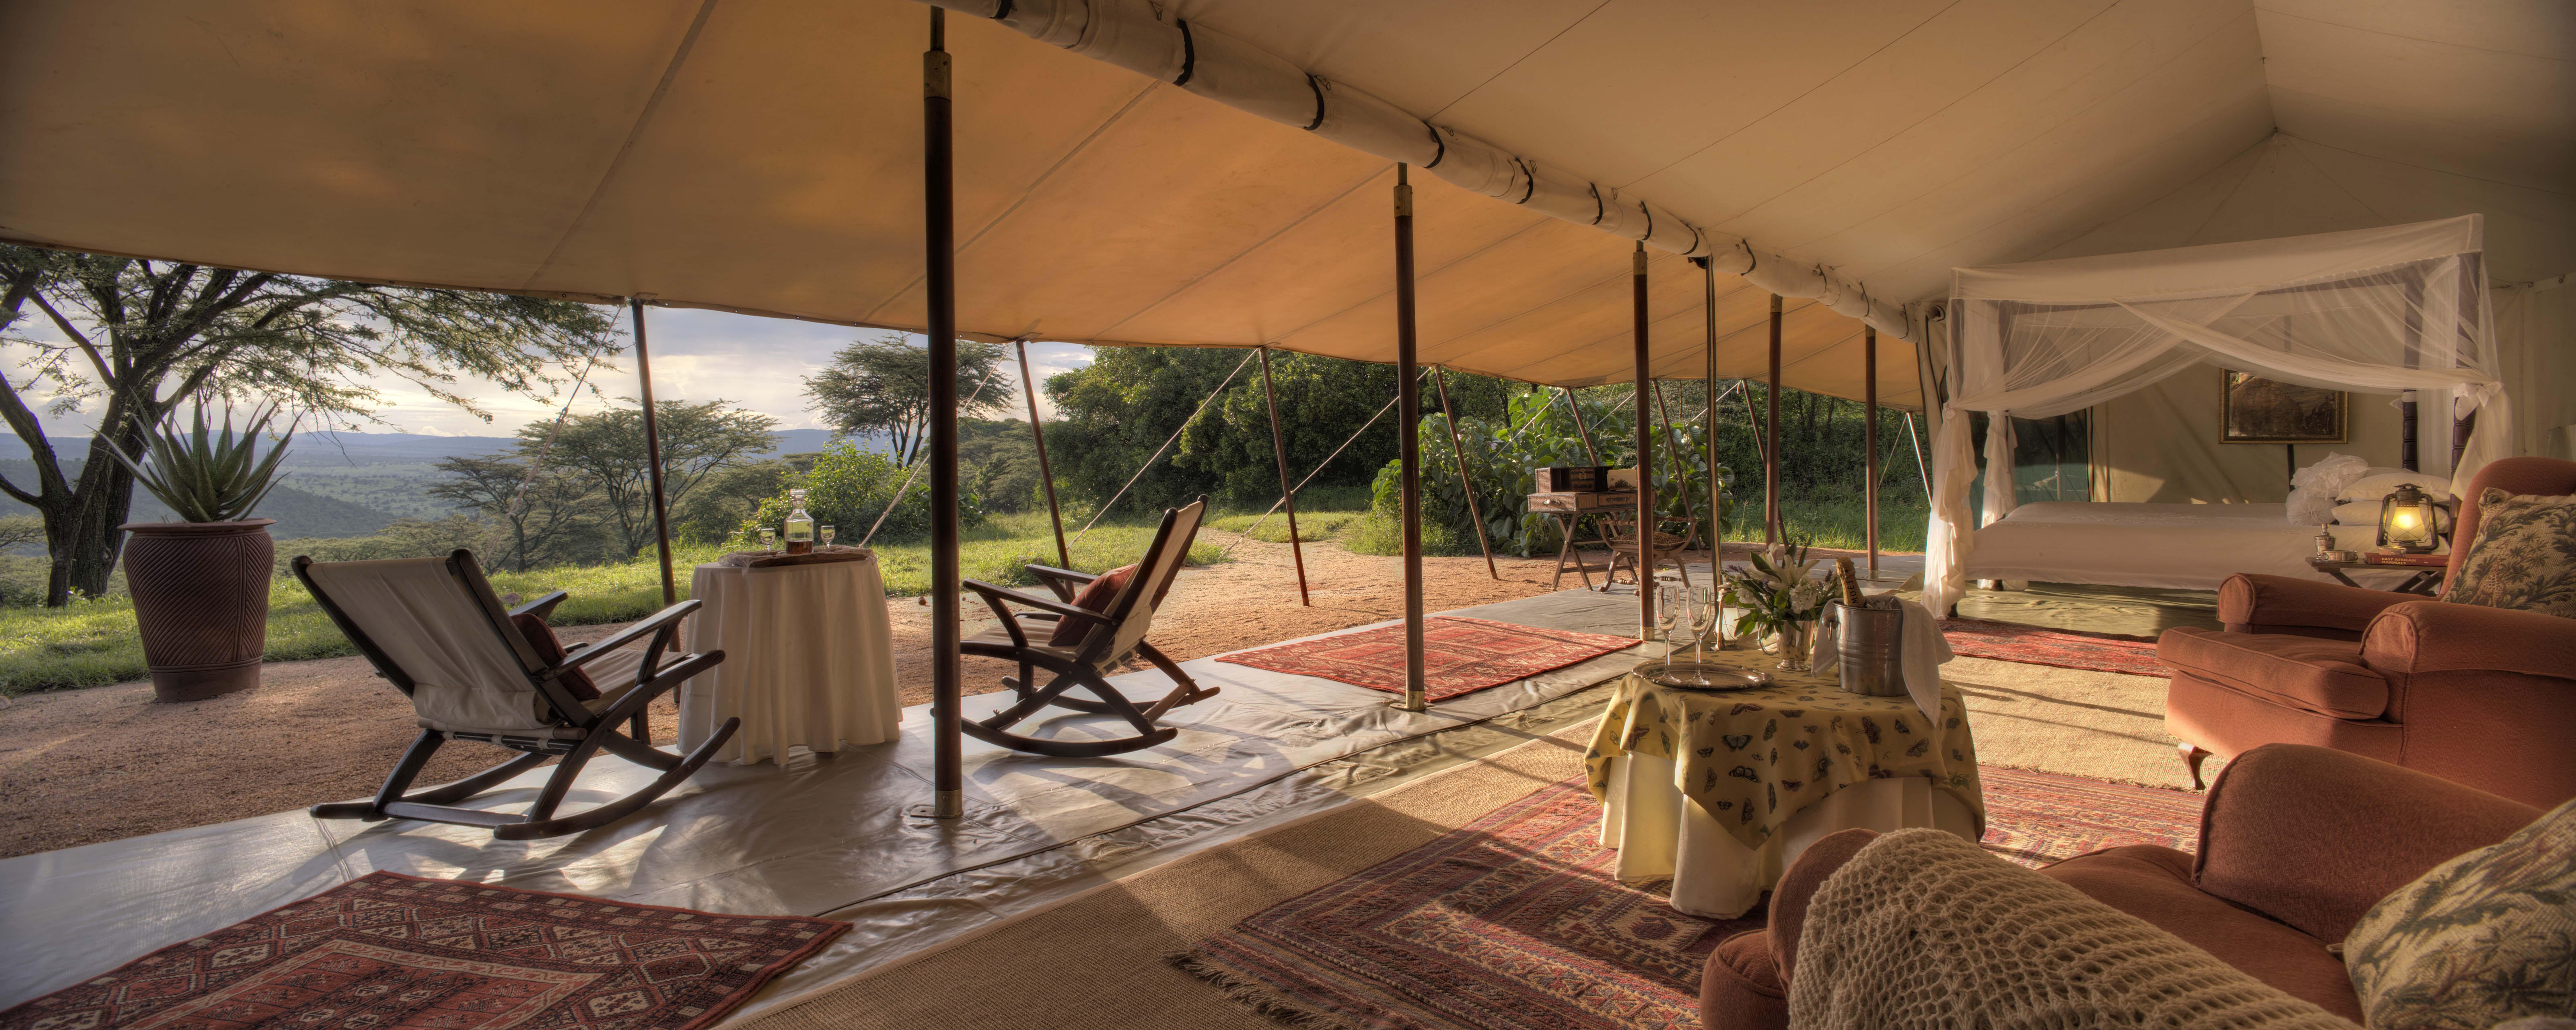 Cottar's - Honeymoon Tent